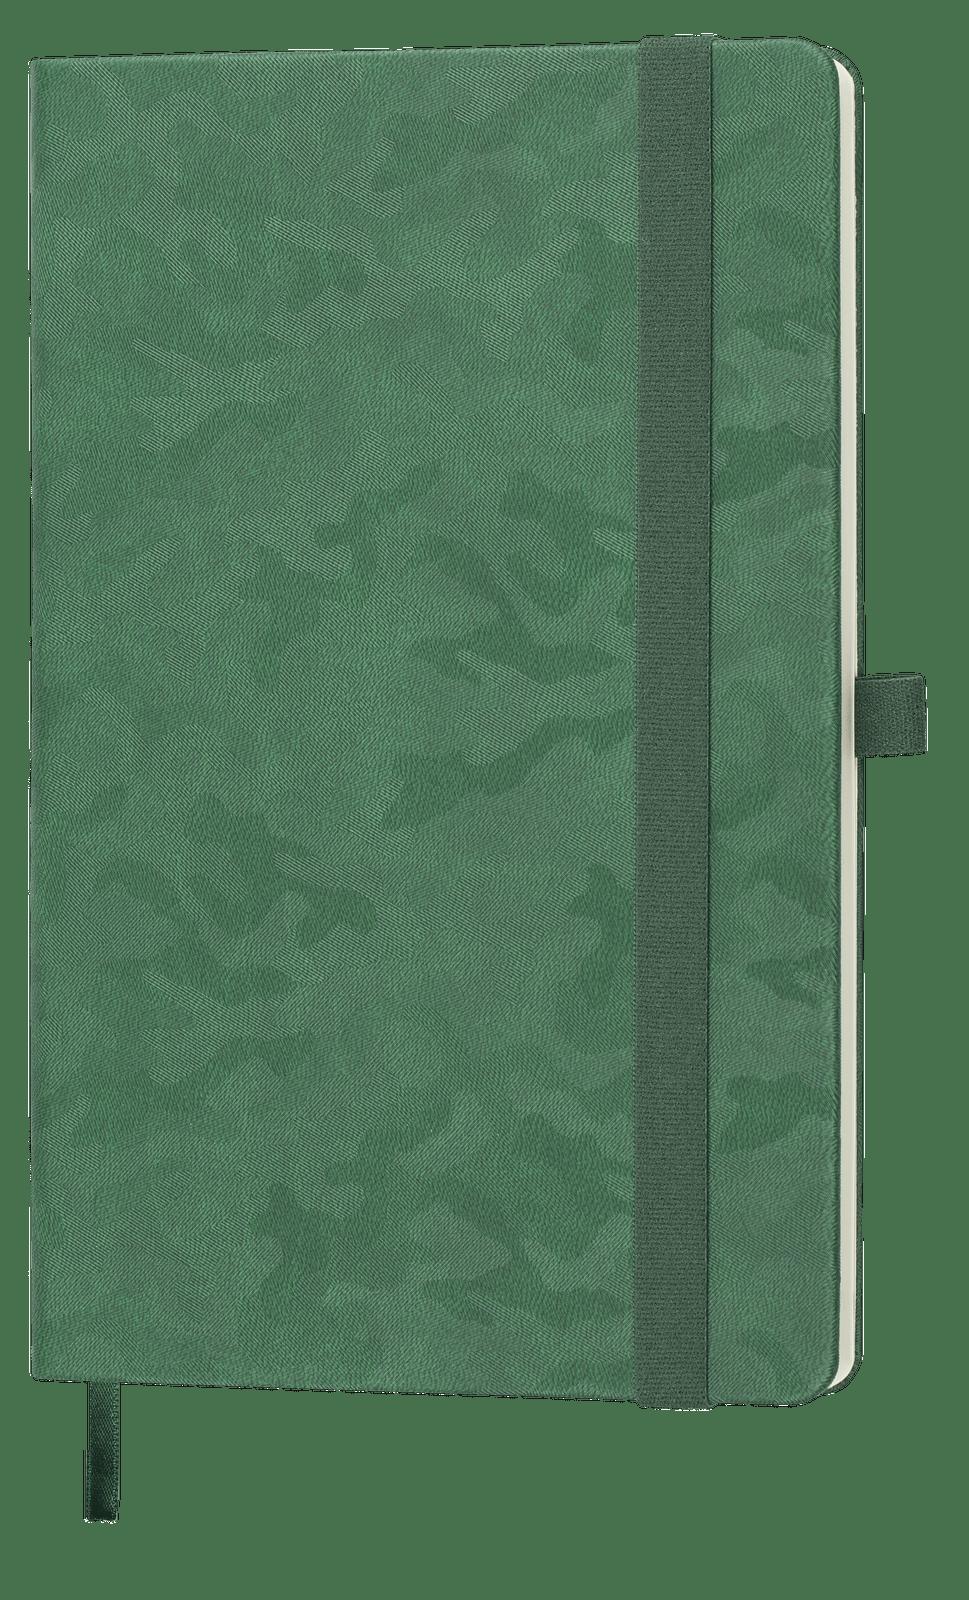 TM21224_15 - Tabby Justy verde